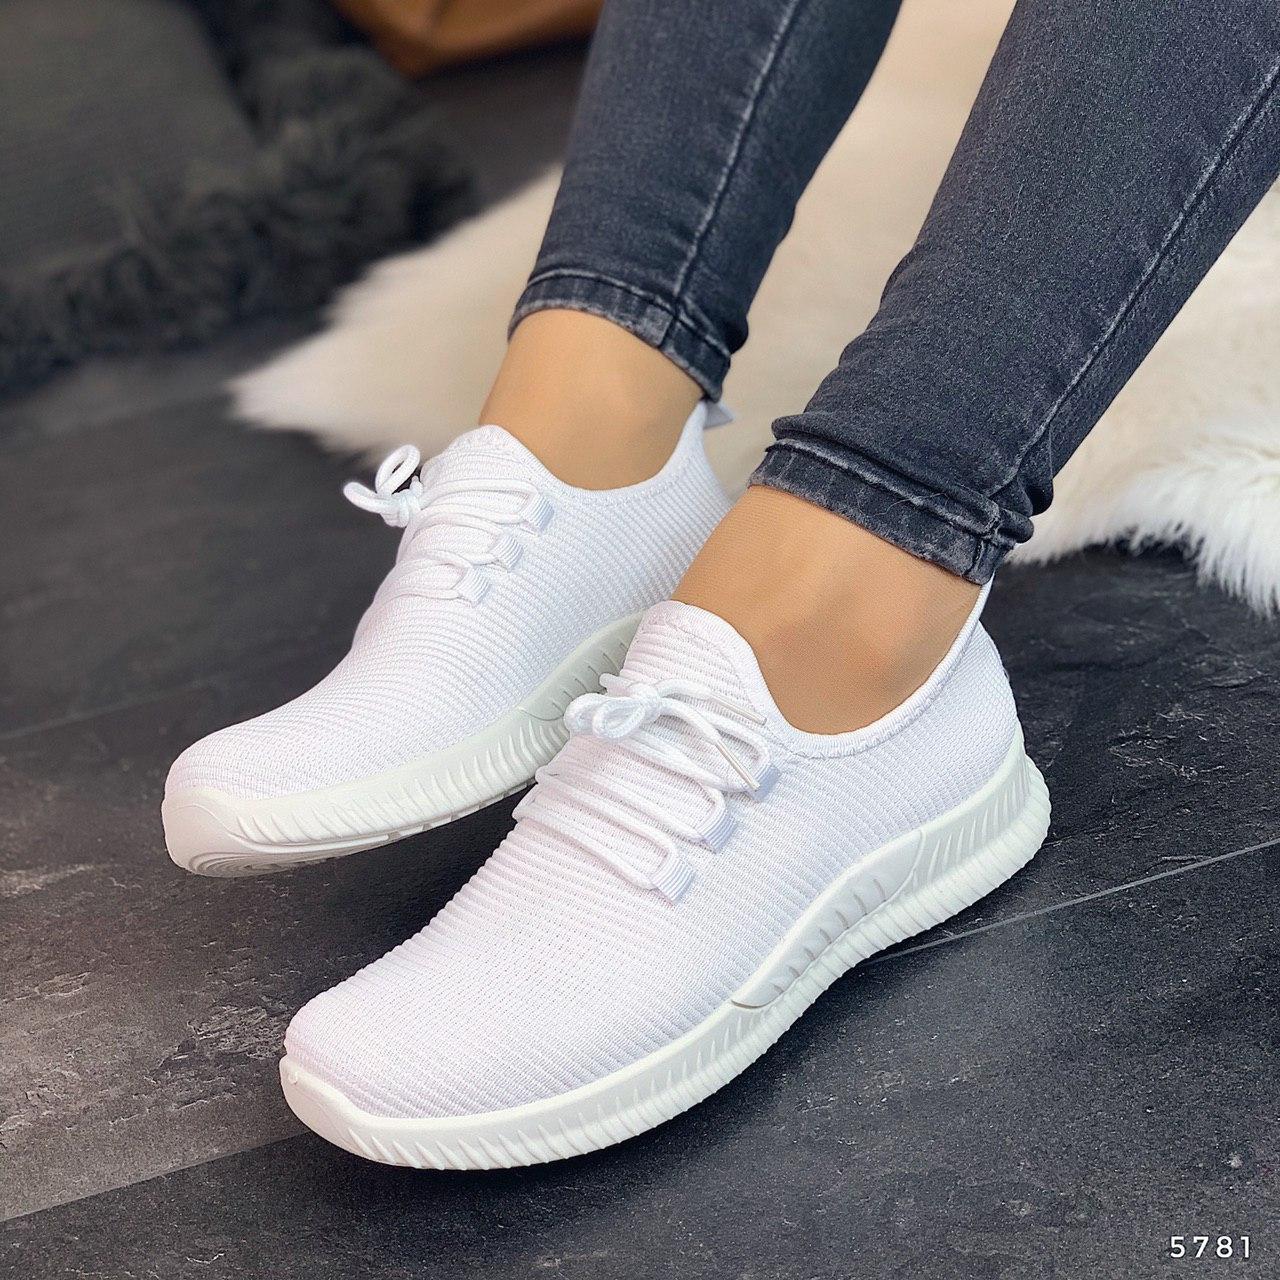 Кросівки жіночі білі. Кросівки жіночі з текстилю. Кеди жіночі. Мокасини жіночі. Кріпери жіночі